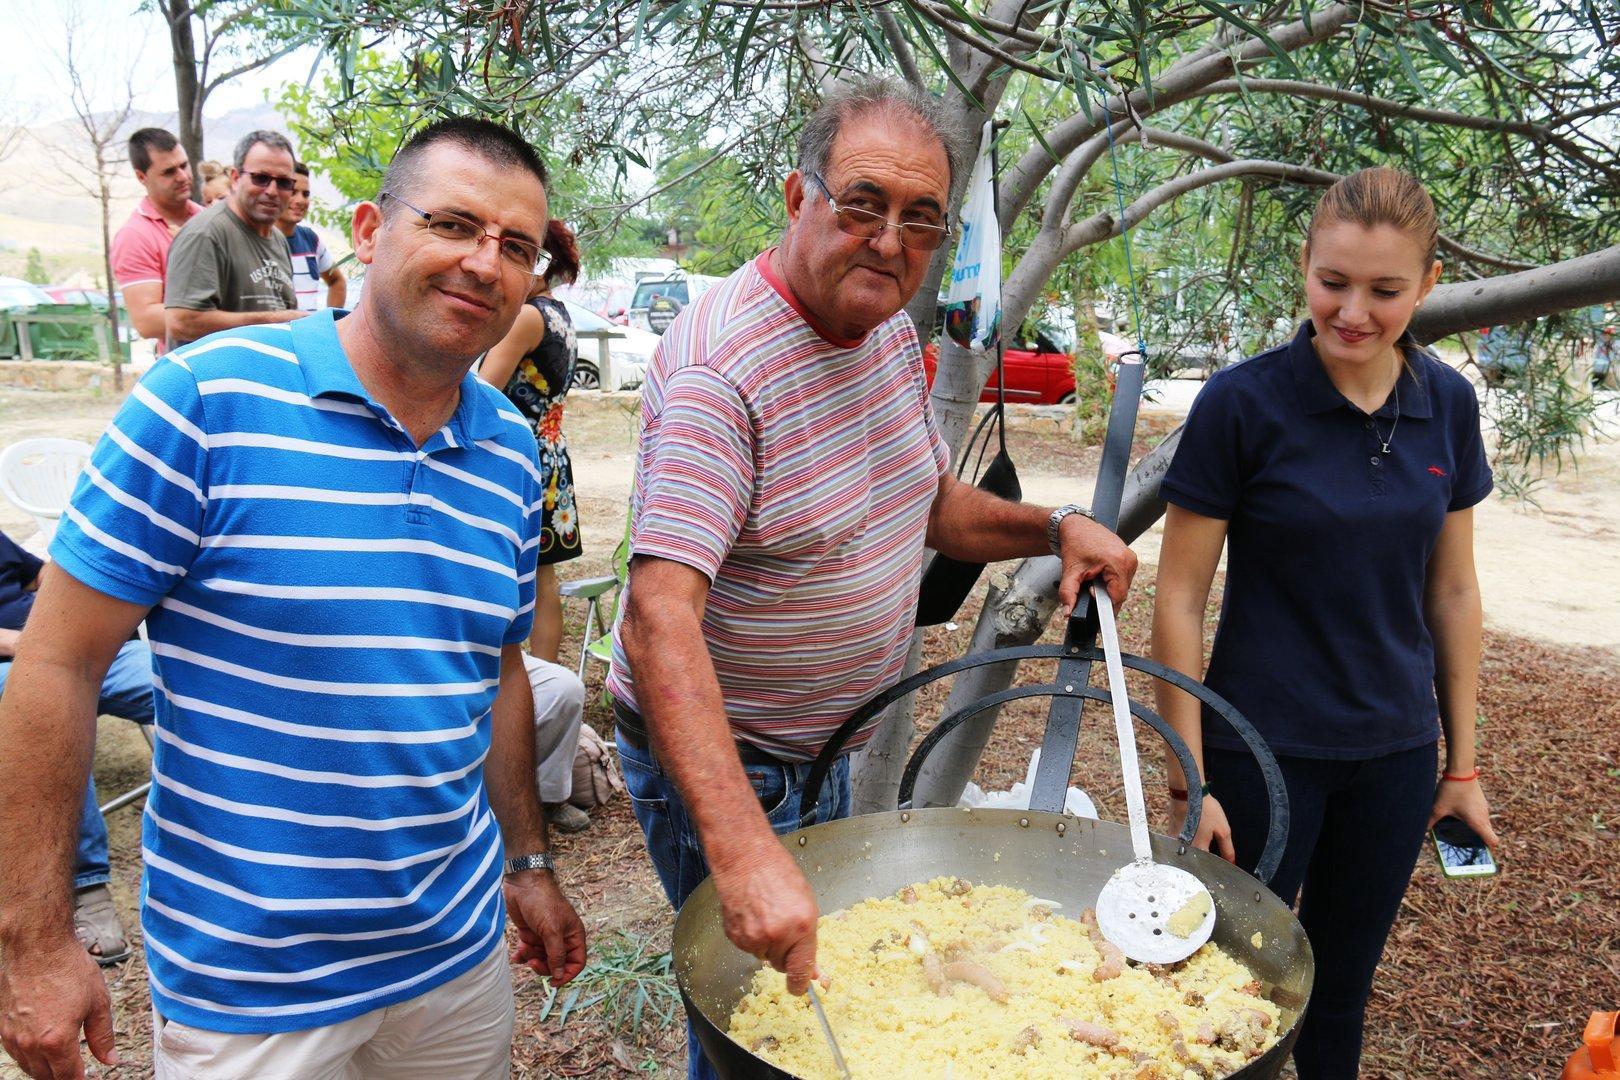 Fiestas de Campillo en Ojós 2017-Comidas